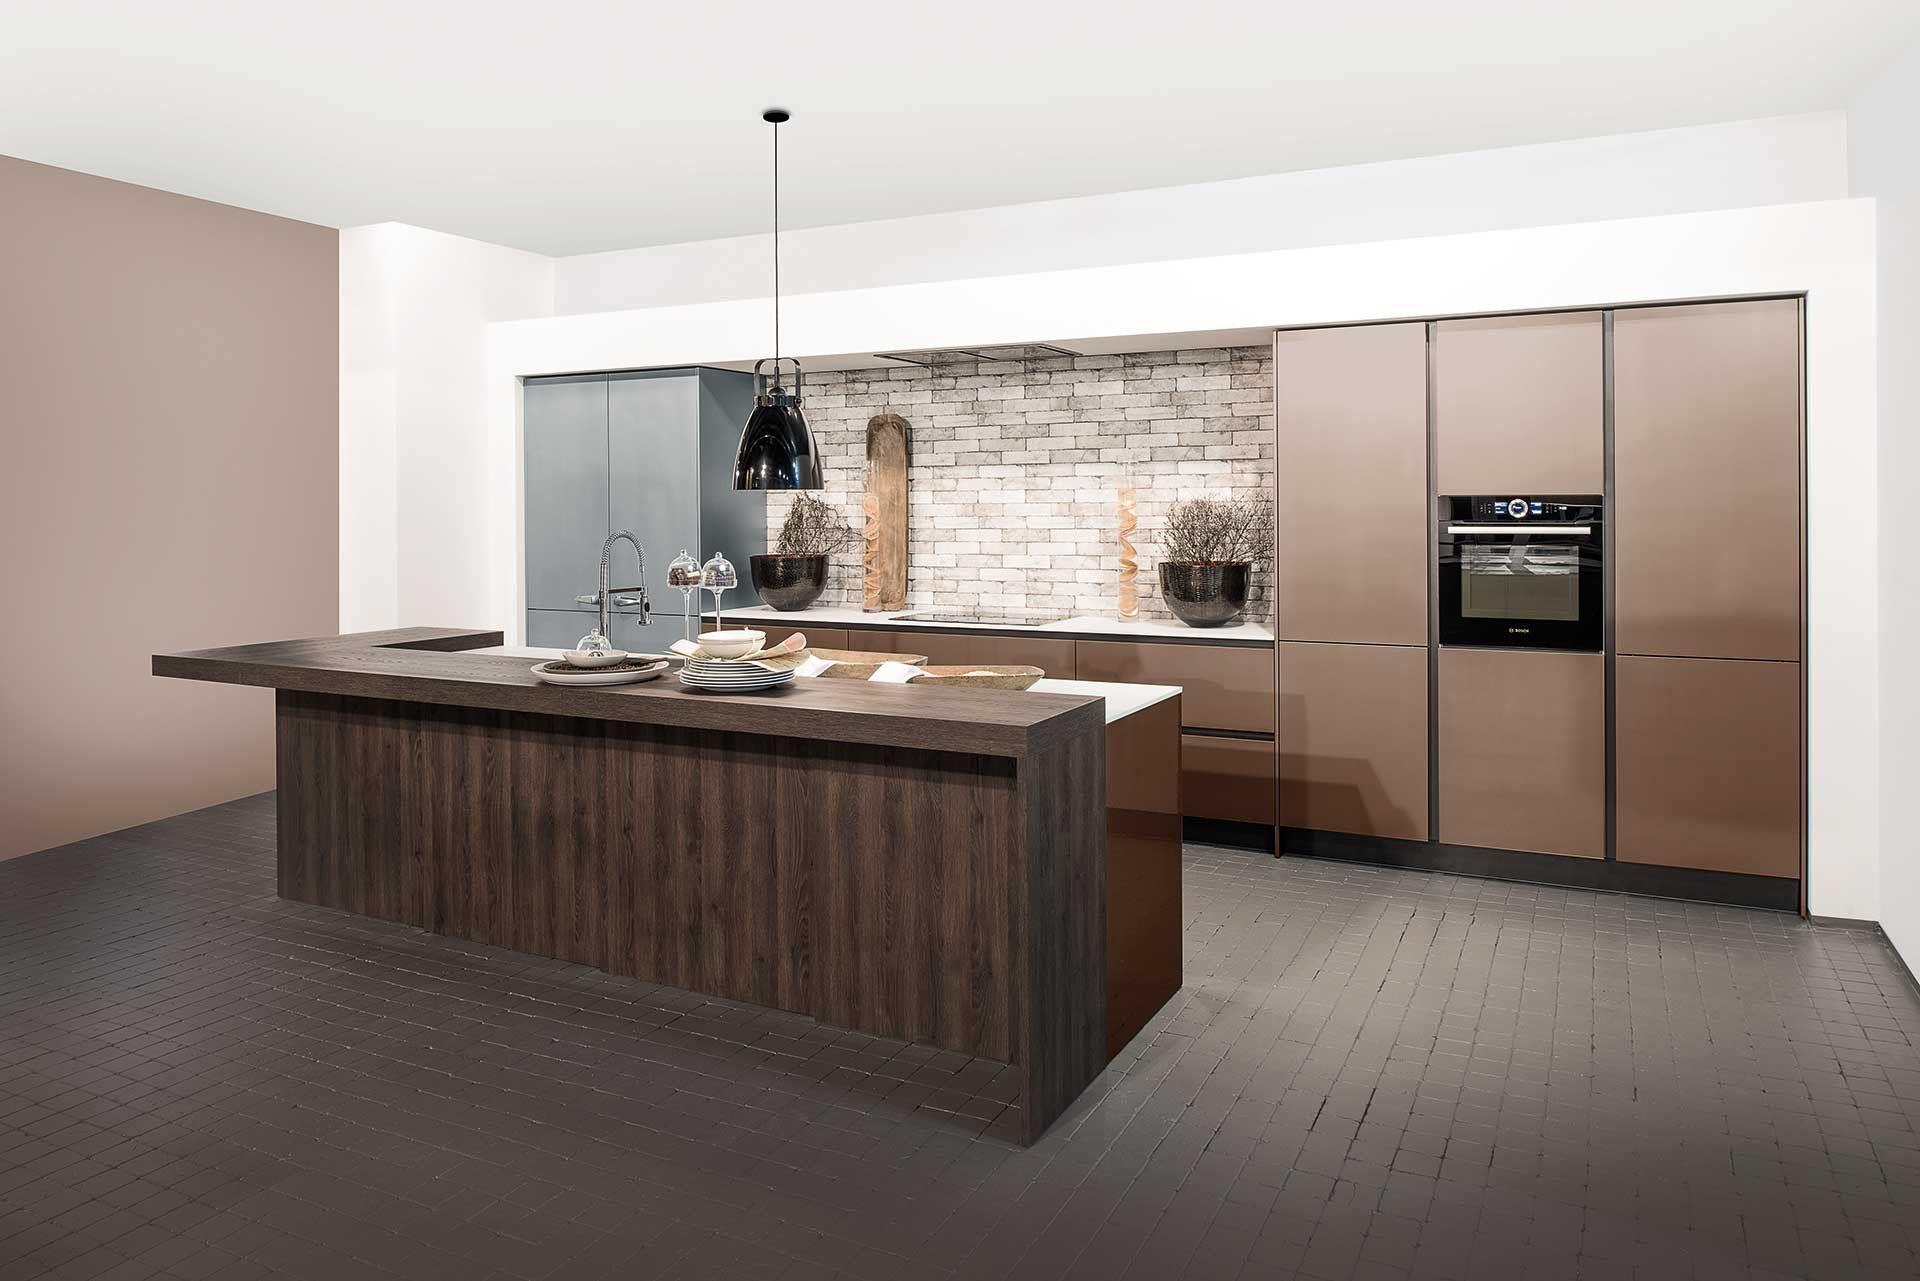 Moderne bronzen keuken met hout look met brons als d trend kleur van 2016 krijgt deze keuken - Moderne keuken kleur ...